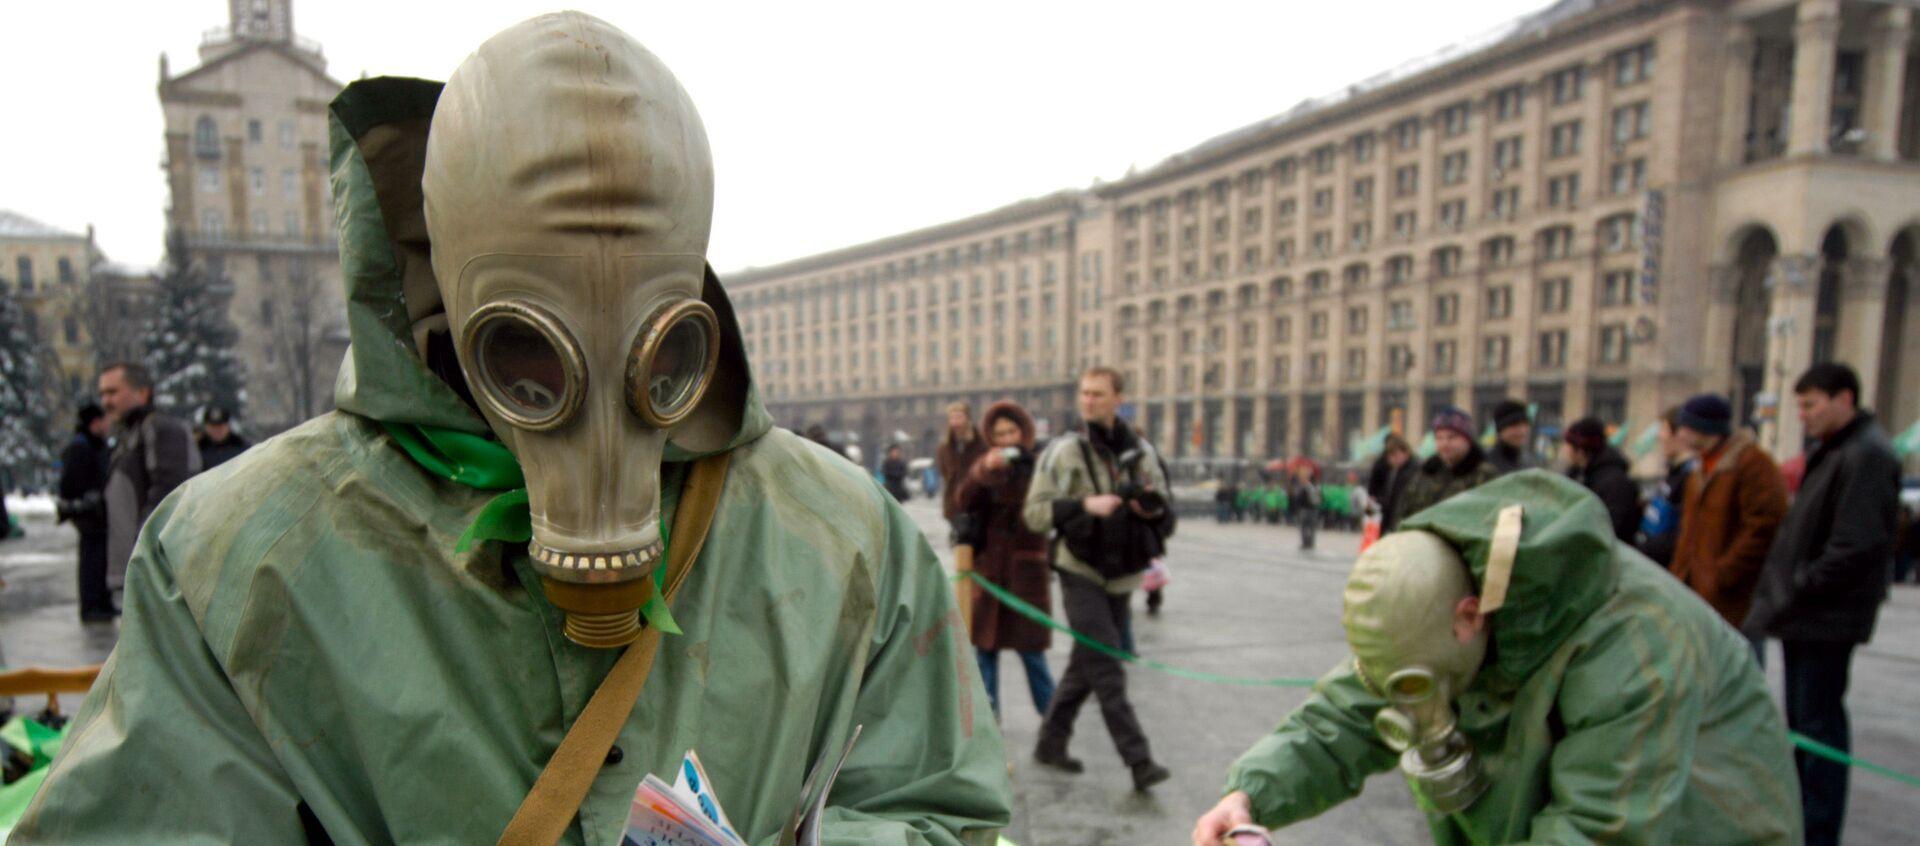 Протесты против строительства ядерного хранилища. Киев, Украина. 3 марта 2006  - Sputnik Таджикистан, 1920, 17.06.2019